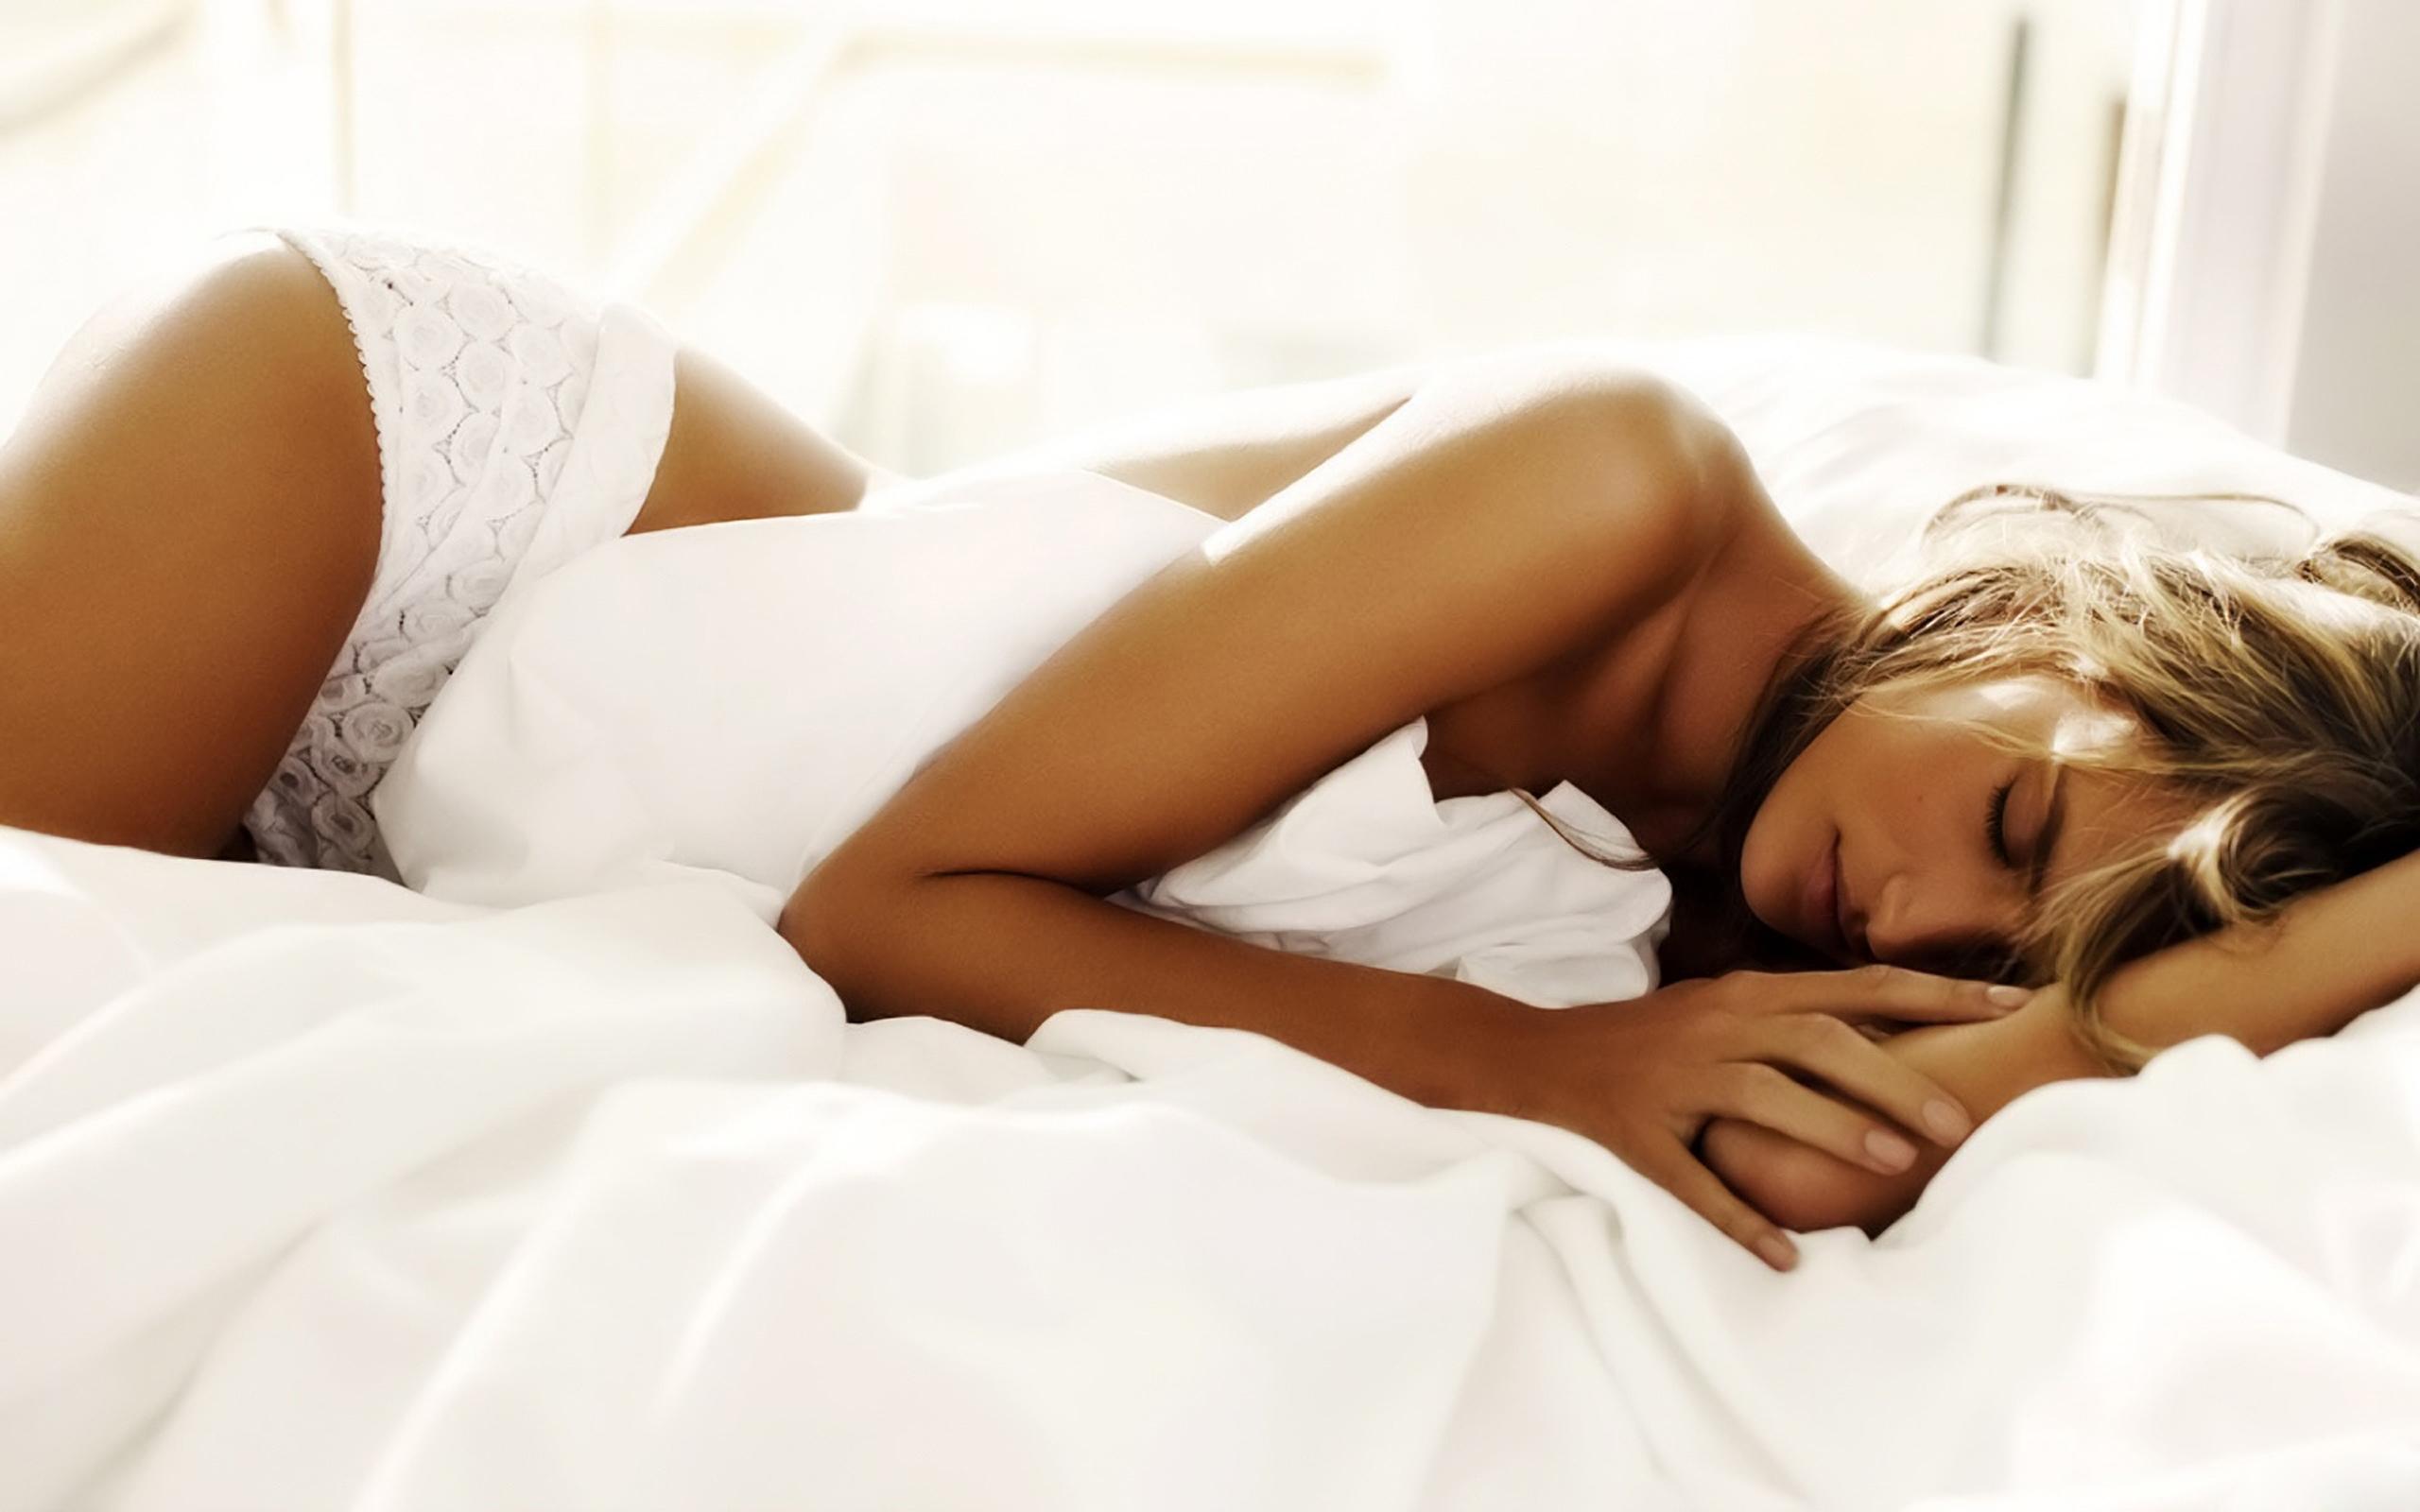 Фото беременных девушек на кровати 22 фотография